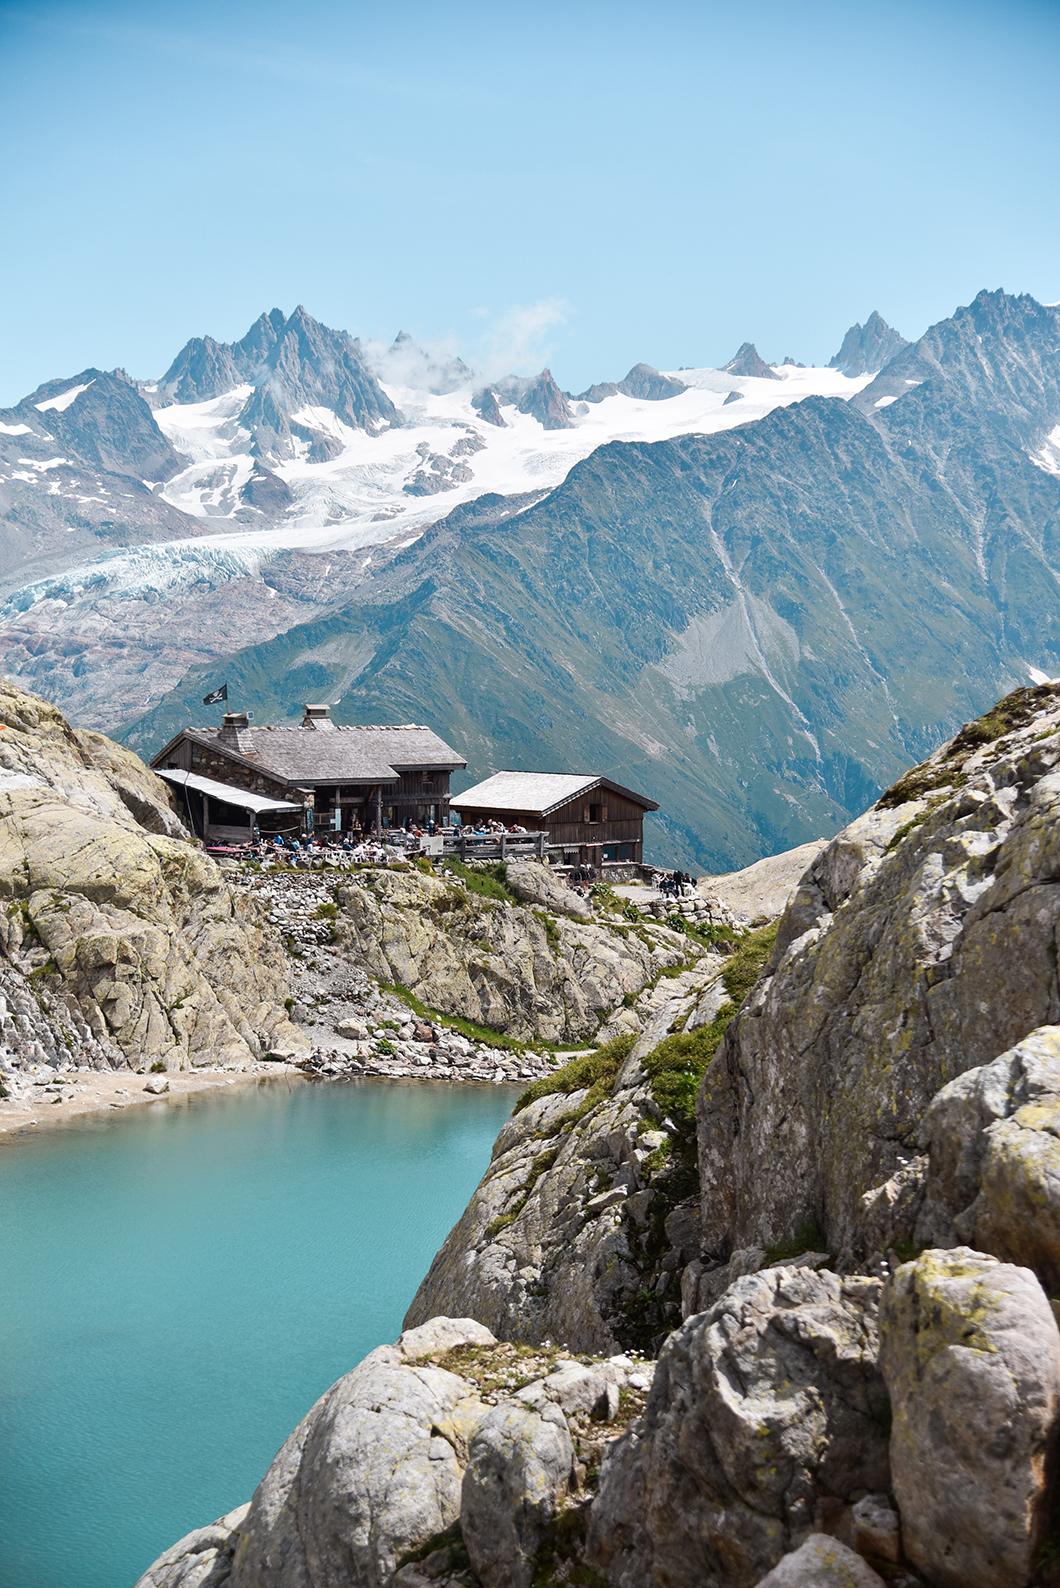 Vacances à la montagne à Chamonix